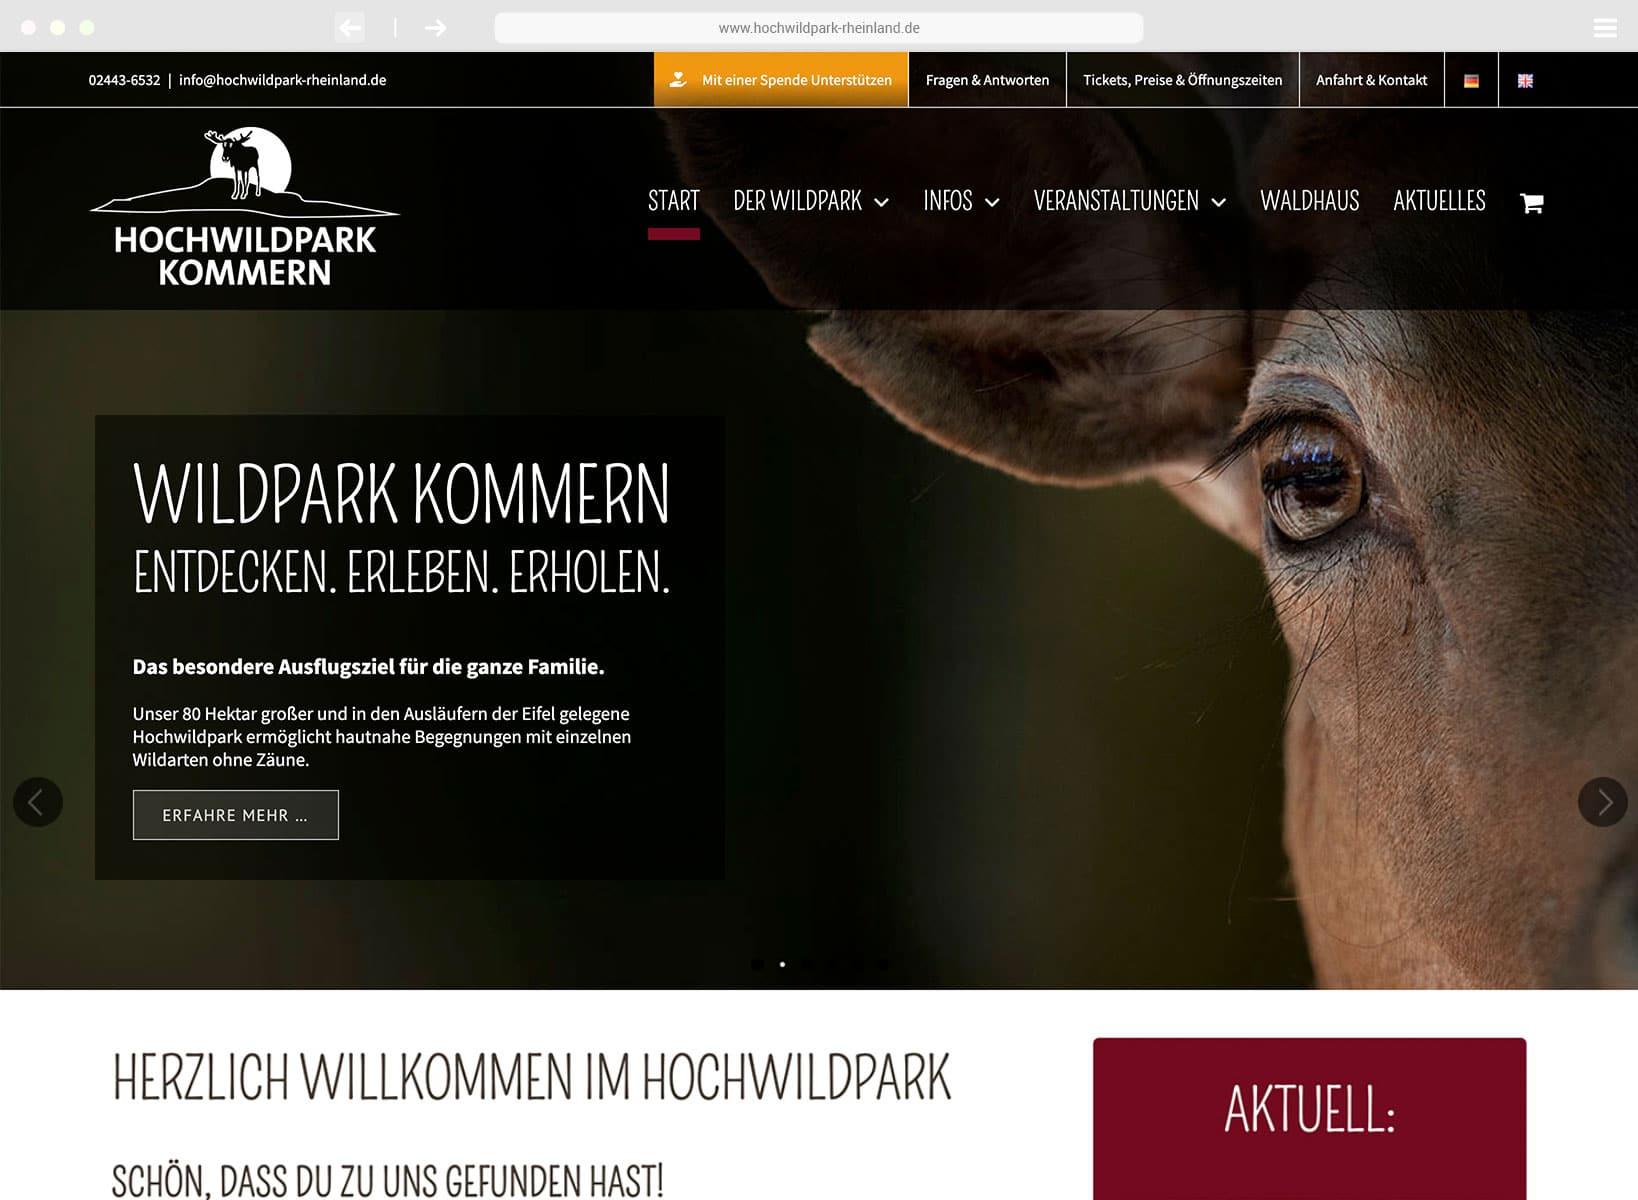 www.hochwildpark-rheinland.de